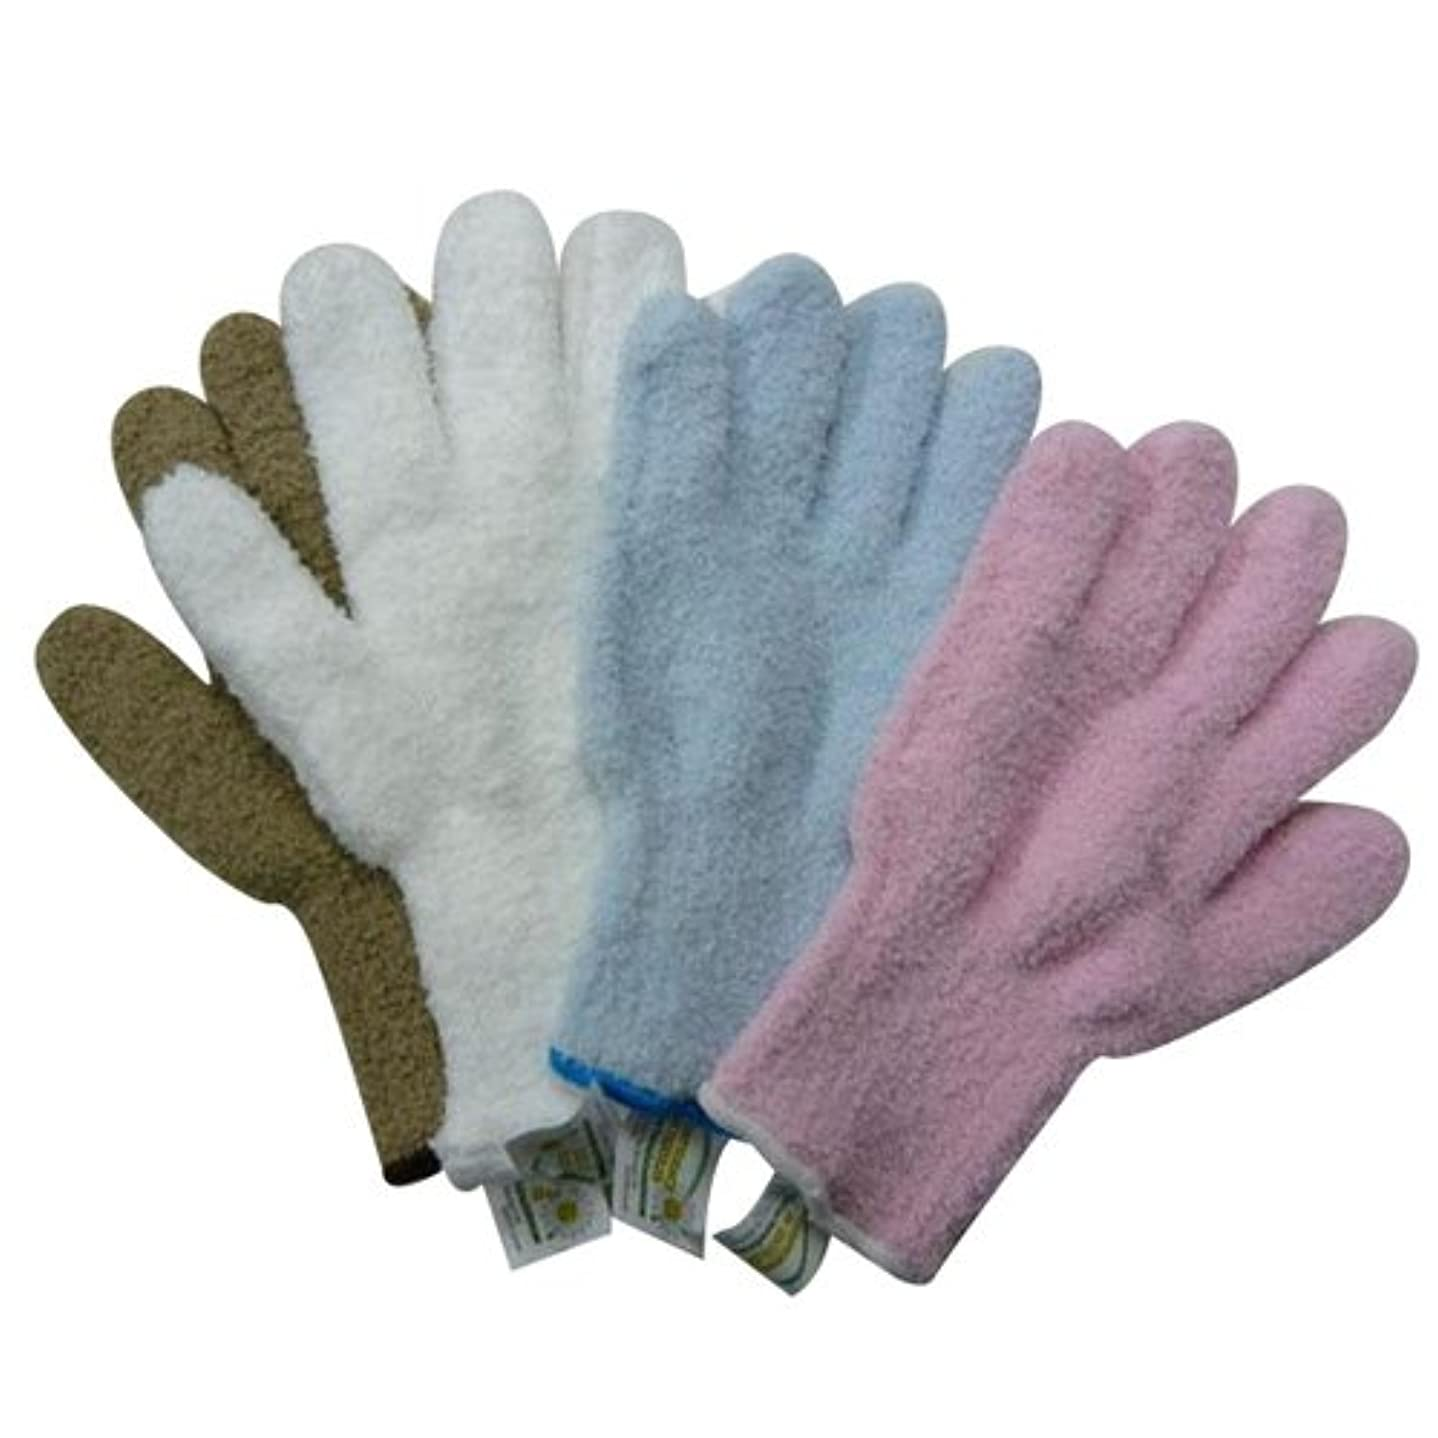 まともな専門用語抗生物質ウルトラ?マイクロファイバー手袋 エコテックスタグ付き×4色セット(KE702-WH?SB?BE?PK) 5007an